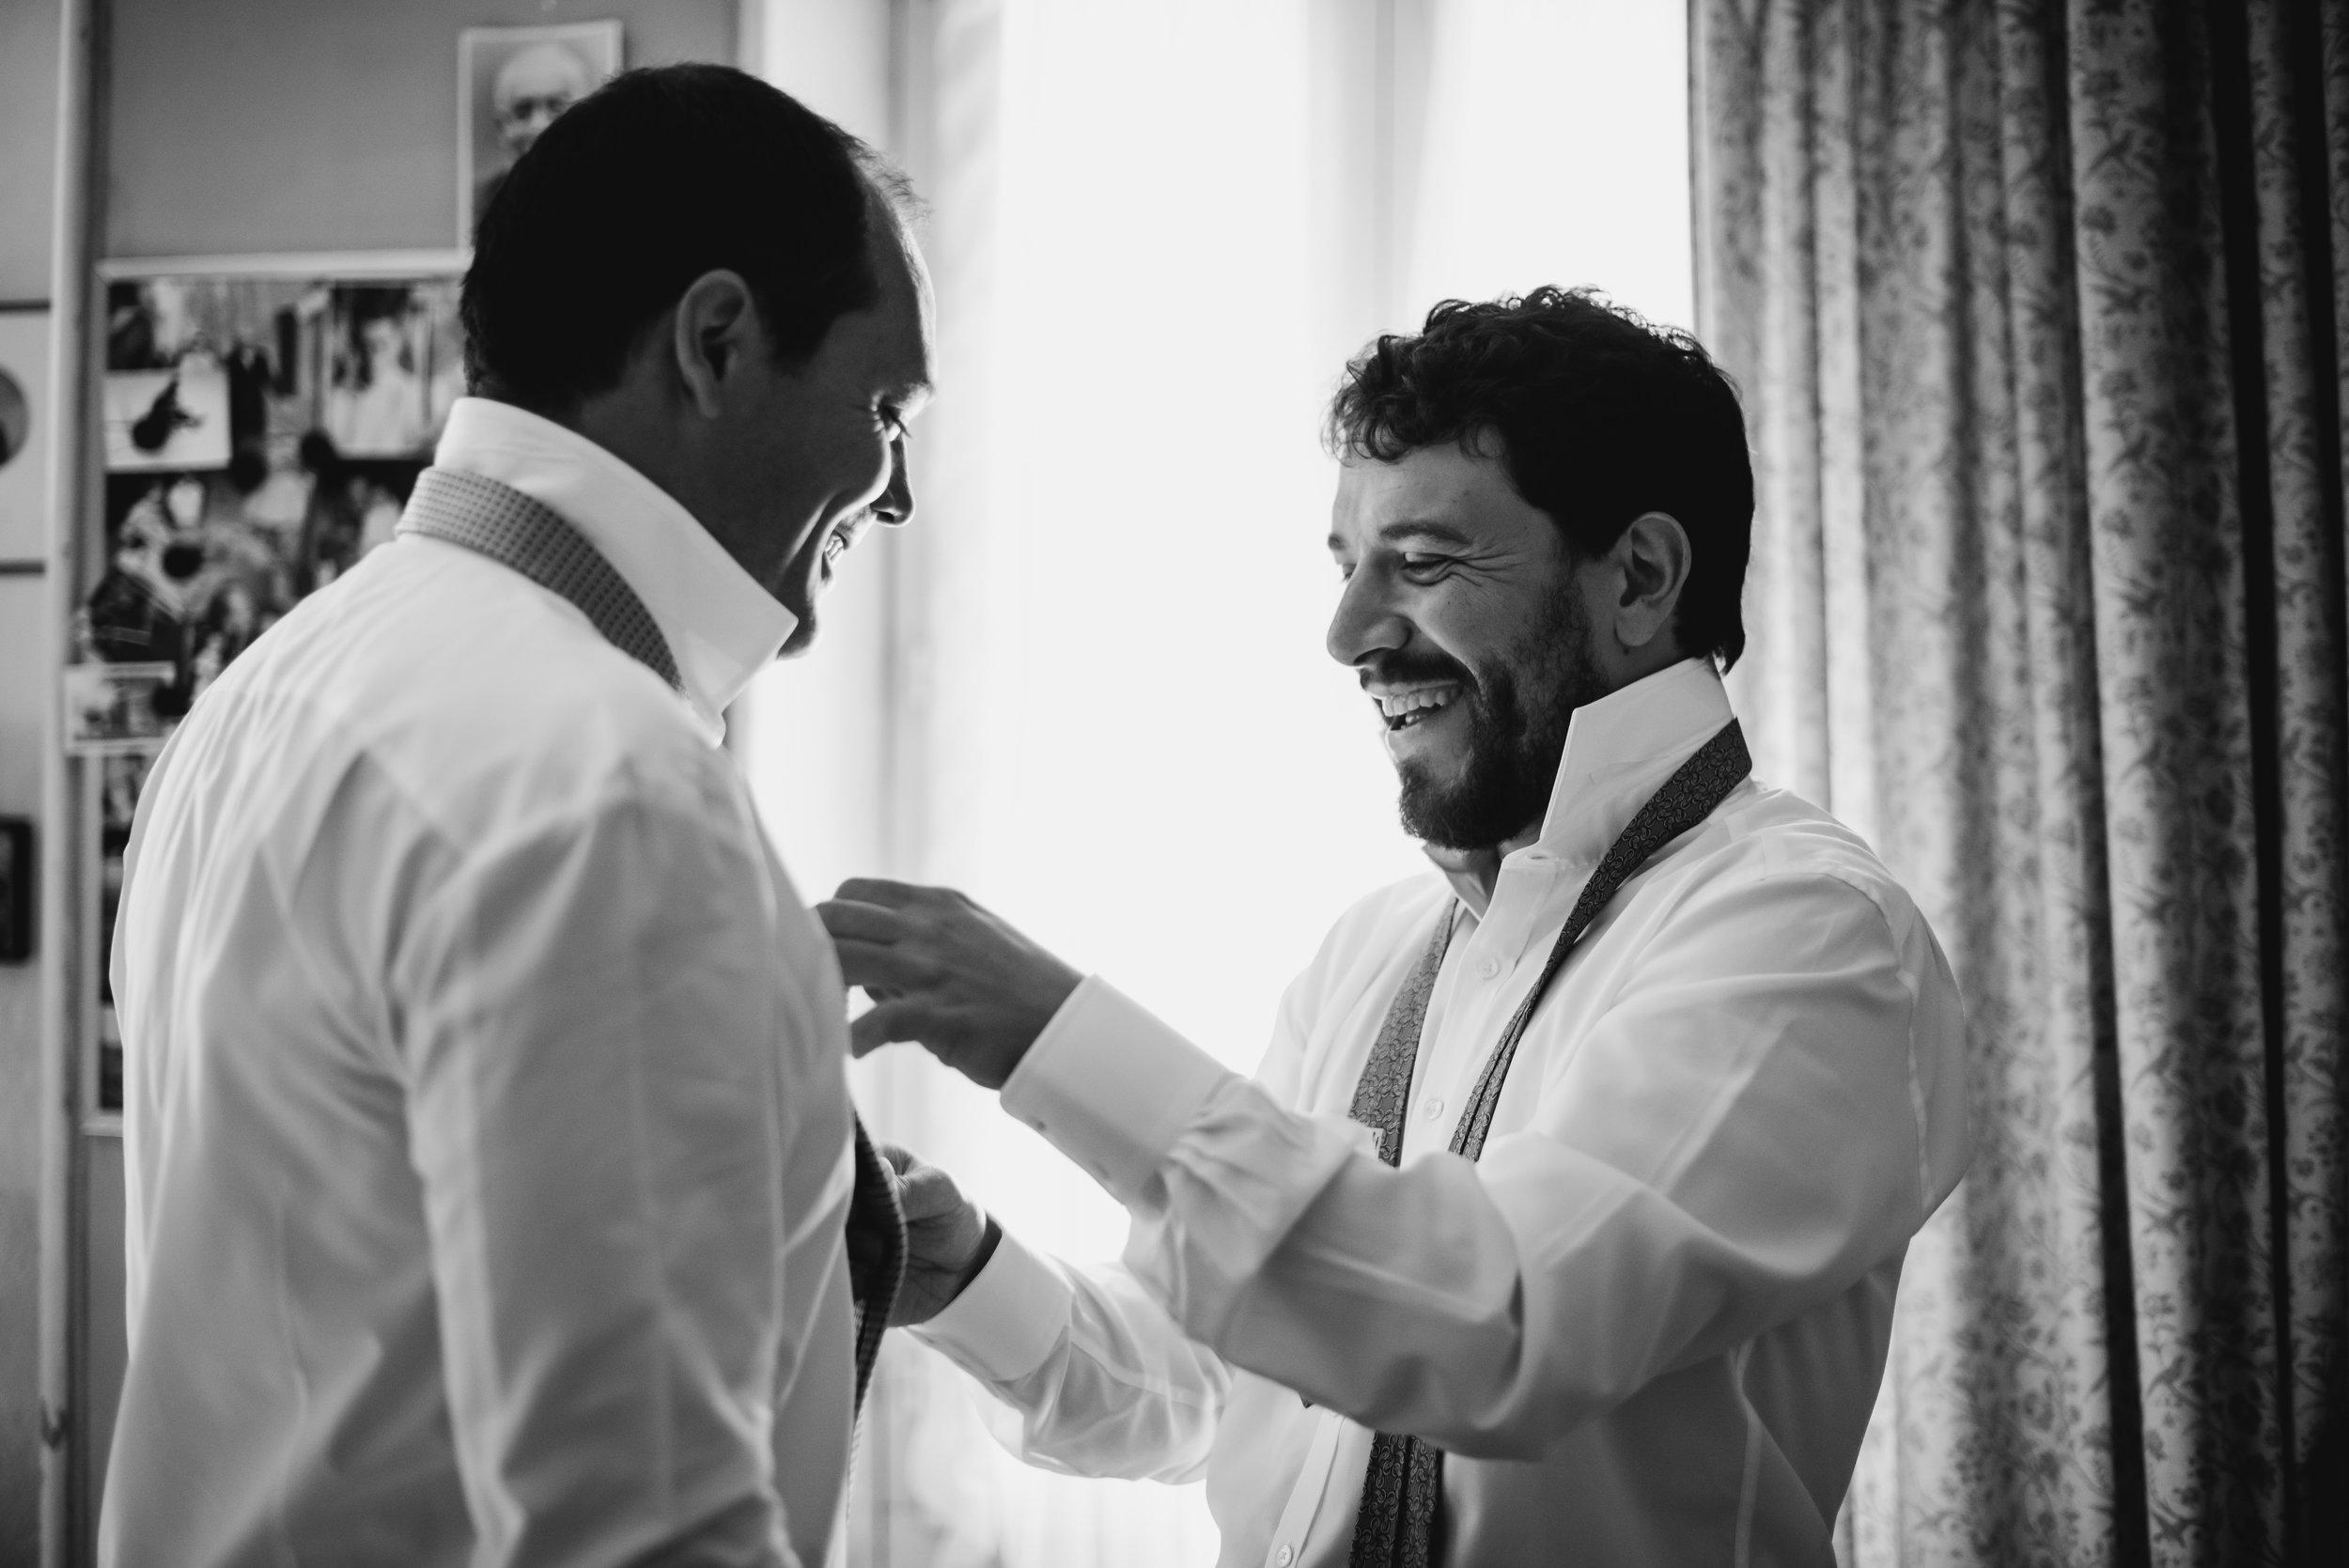 Léa-Fery-photographe-professionnel-lyon-rhone-alpes-portrait-creation-mariage-evenement-evenementiel-famille-9986.jpg